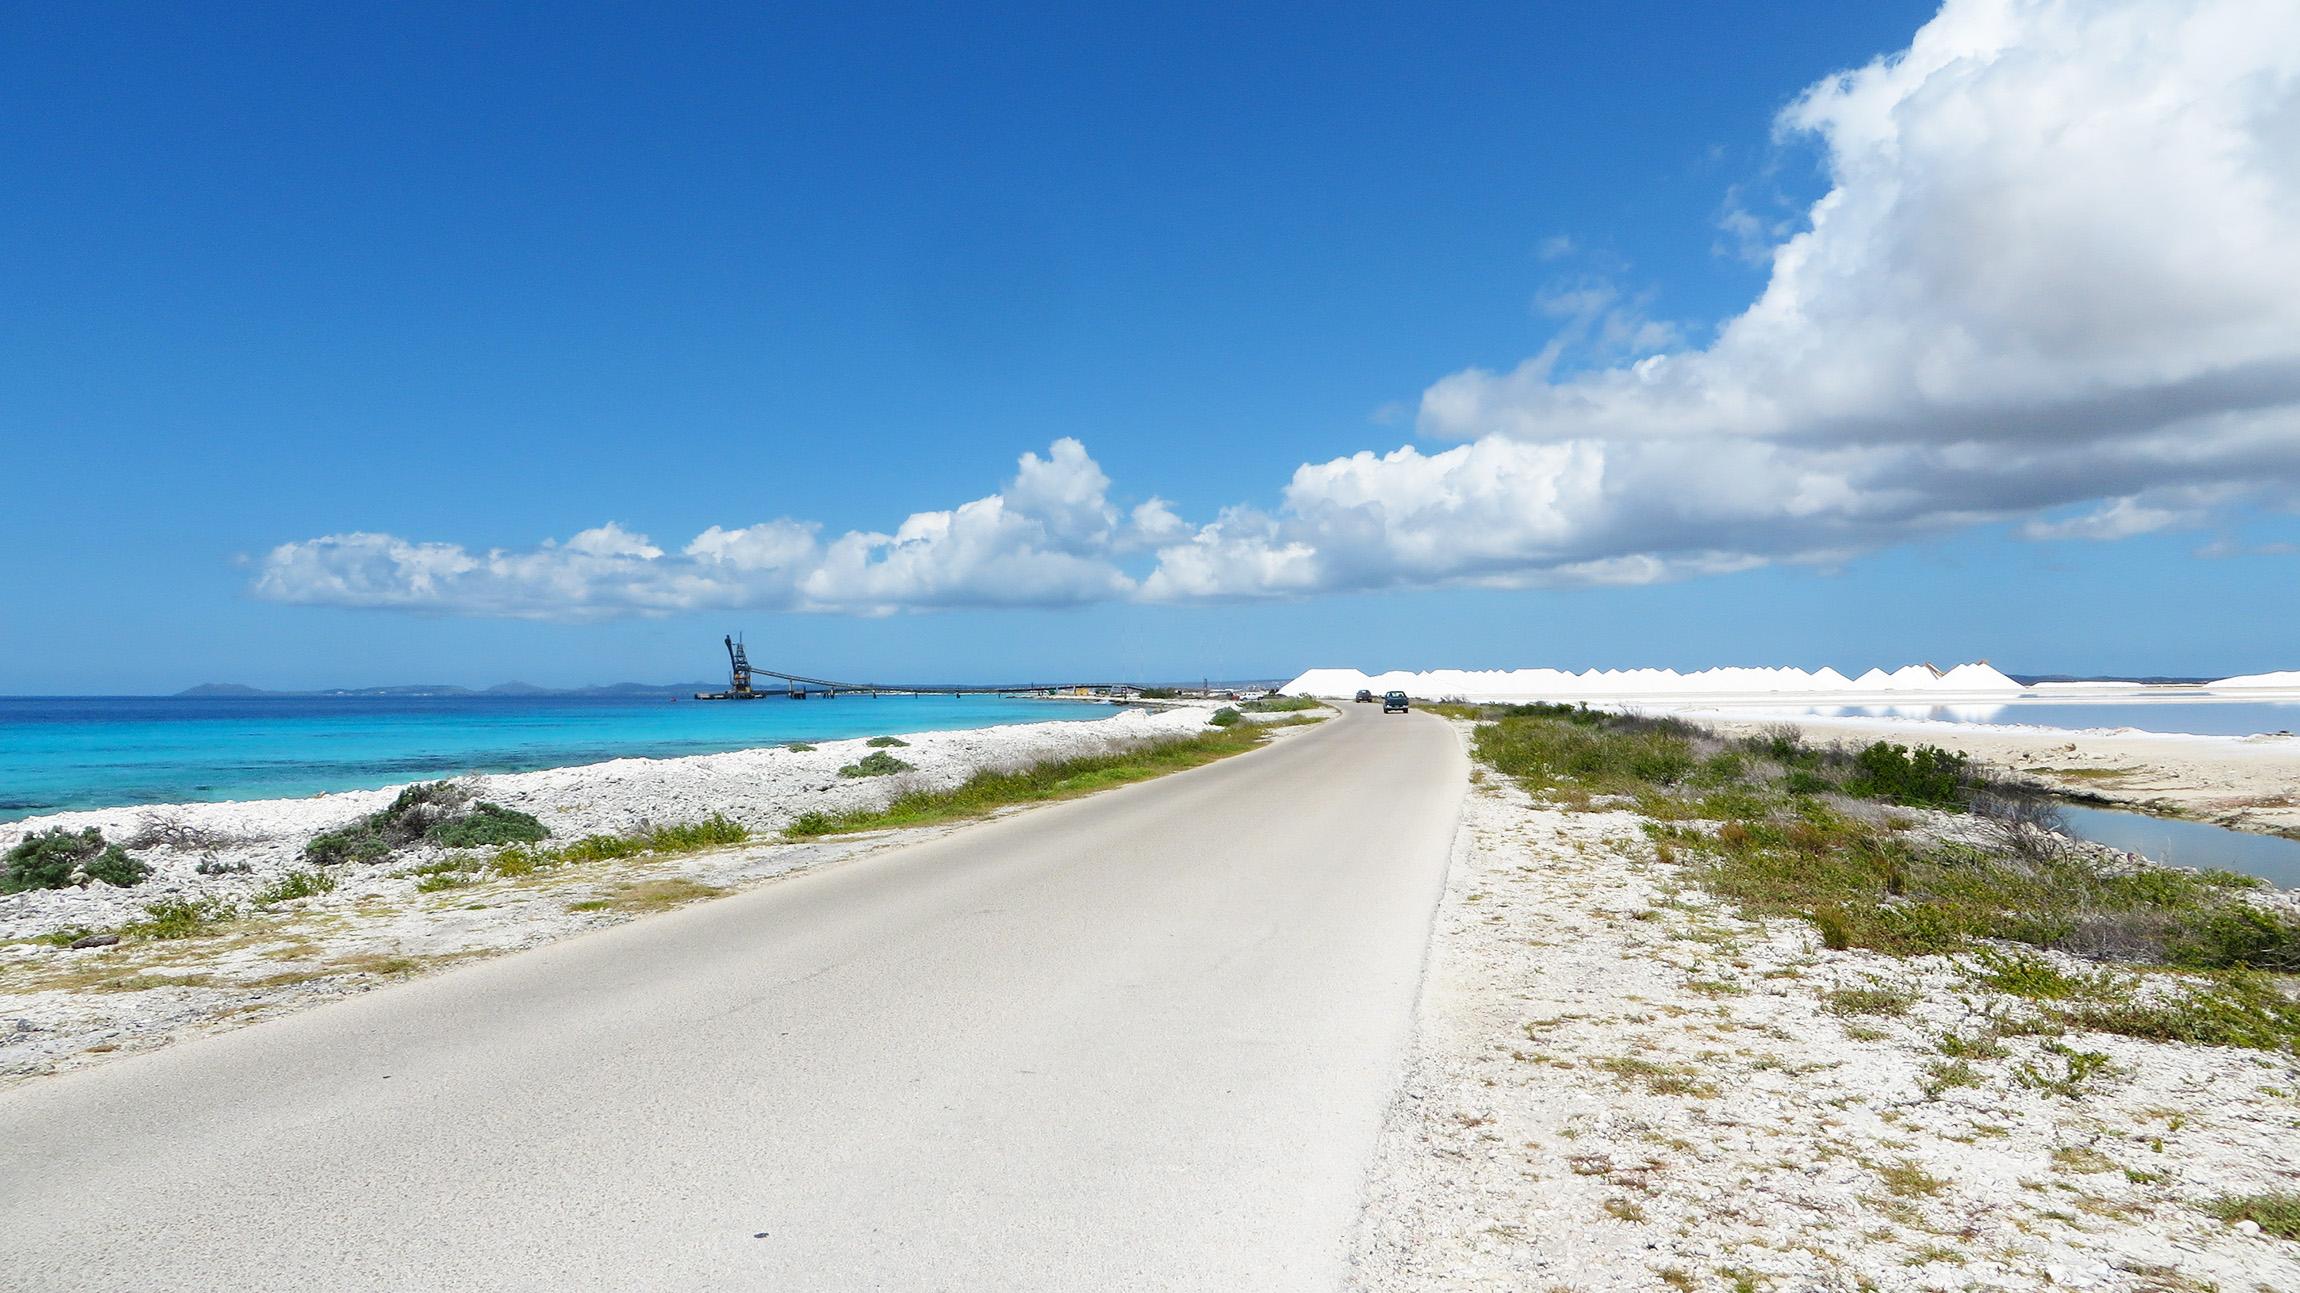 Karibik Kreuzfahrt Bonaire Salz Reisebericht